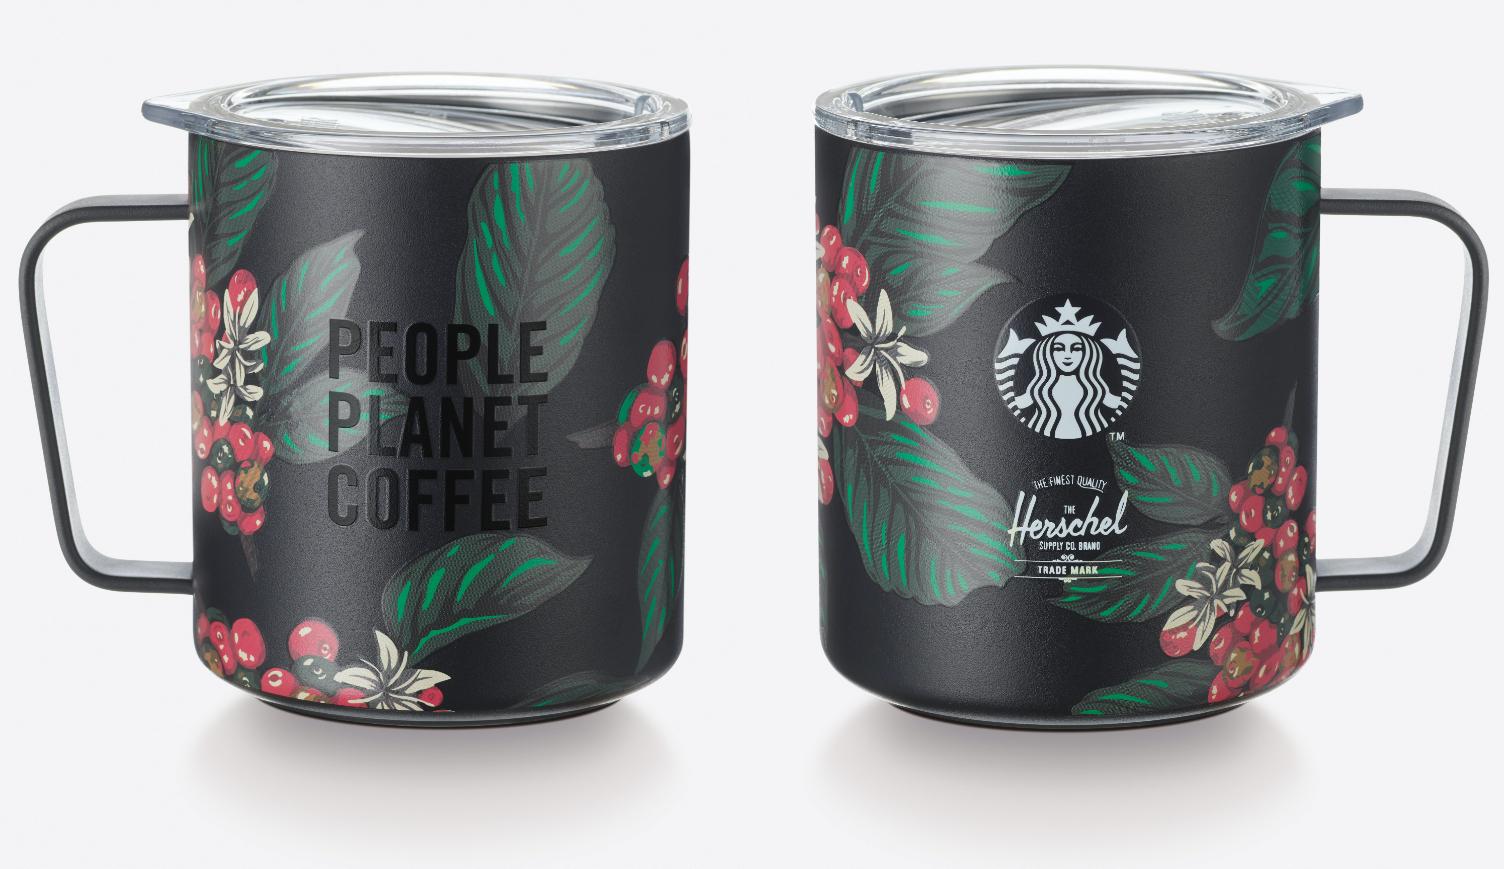 Mẫu ly mug có nắp đậy, tay cầm từ bộ sưu tập Herschel có thiết kế lấy cảm hứng từ quả cà phê màu đỏ, thể hiện  tình yêu chung đối với cà phê, con người và hành tinh. Xem thêm các sản phẩm khác từ bộ sưu tập này tại đây.